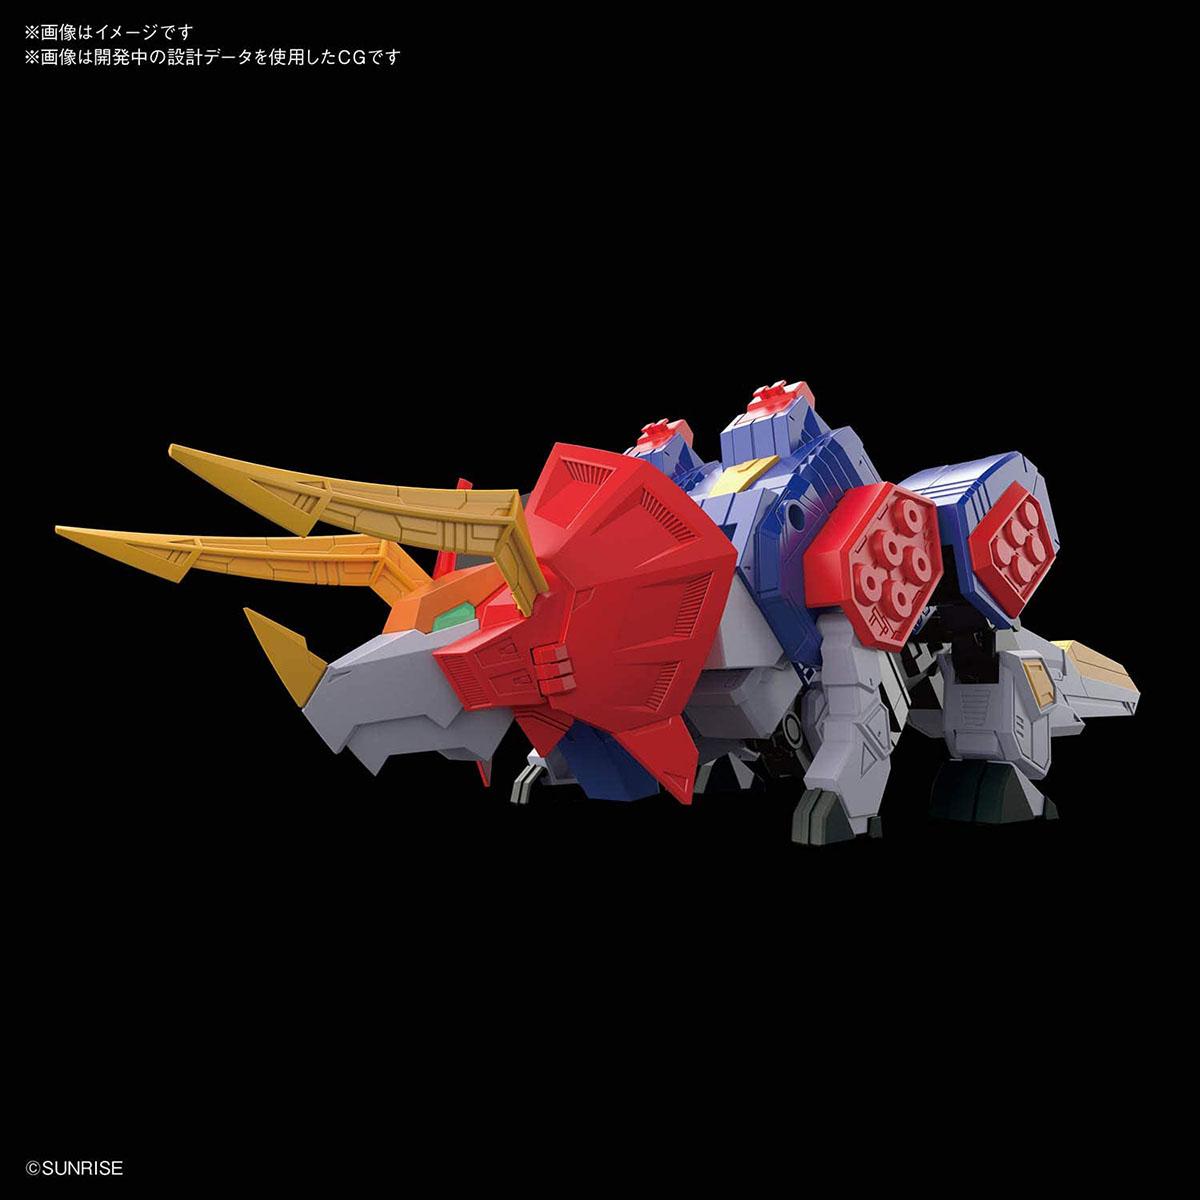 【再販】HG 1/300『グランザウラー』熱血最強ゴウザウラー プラモデル-005